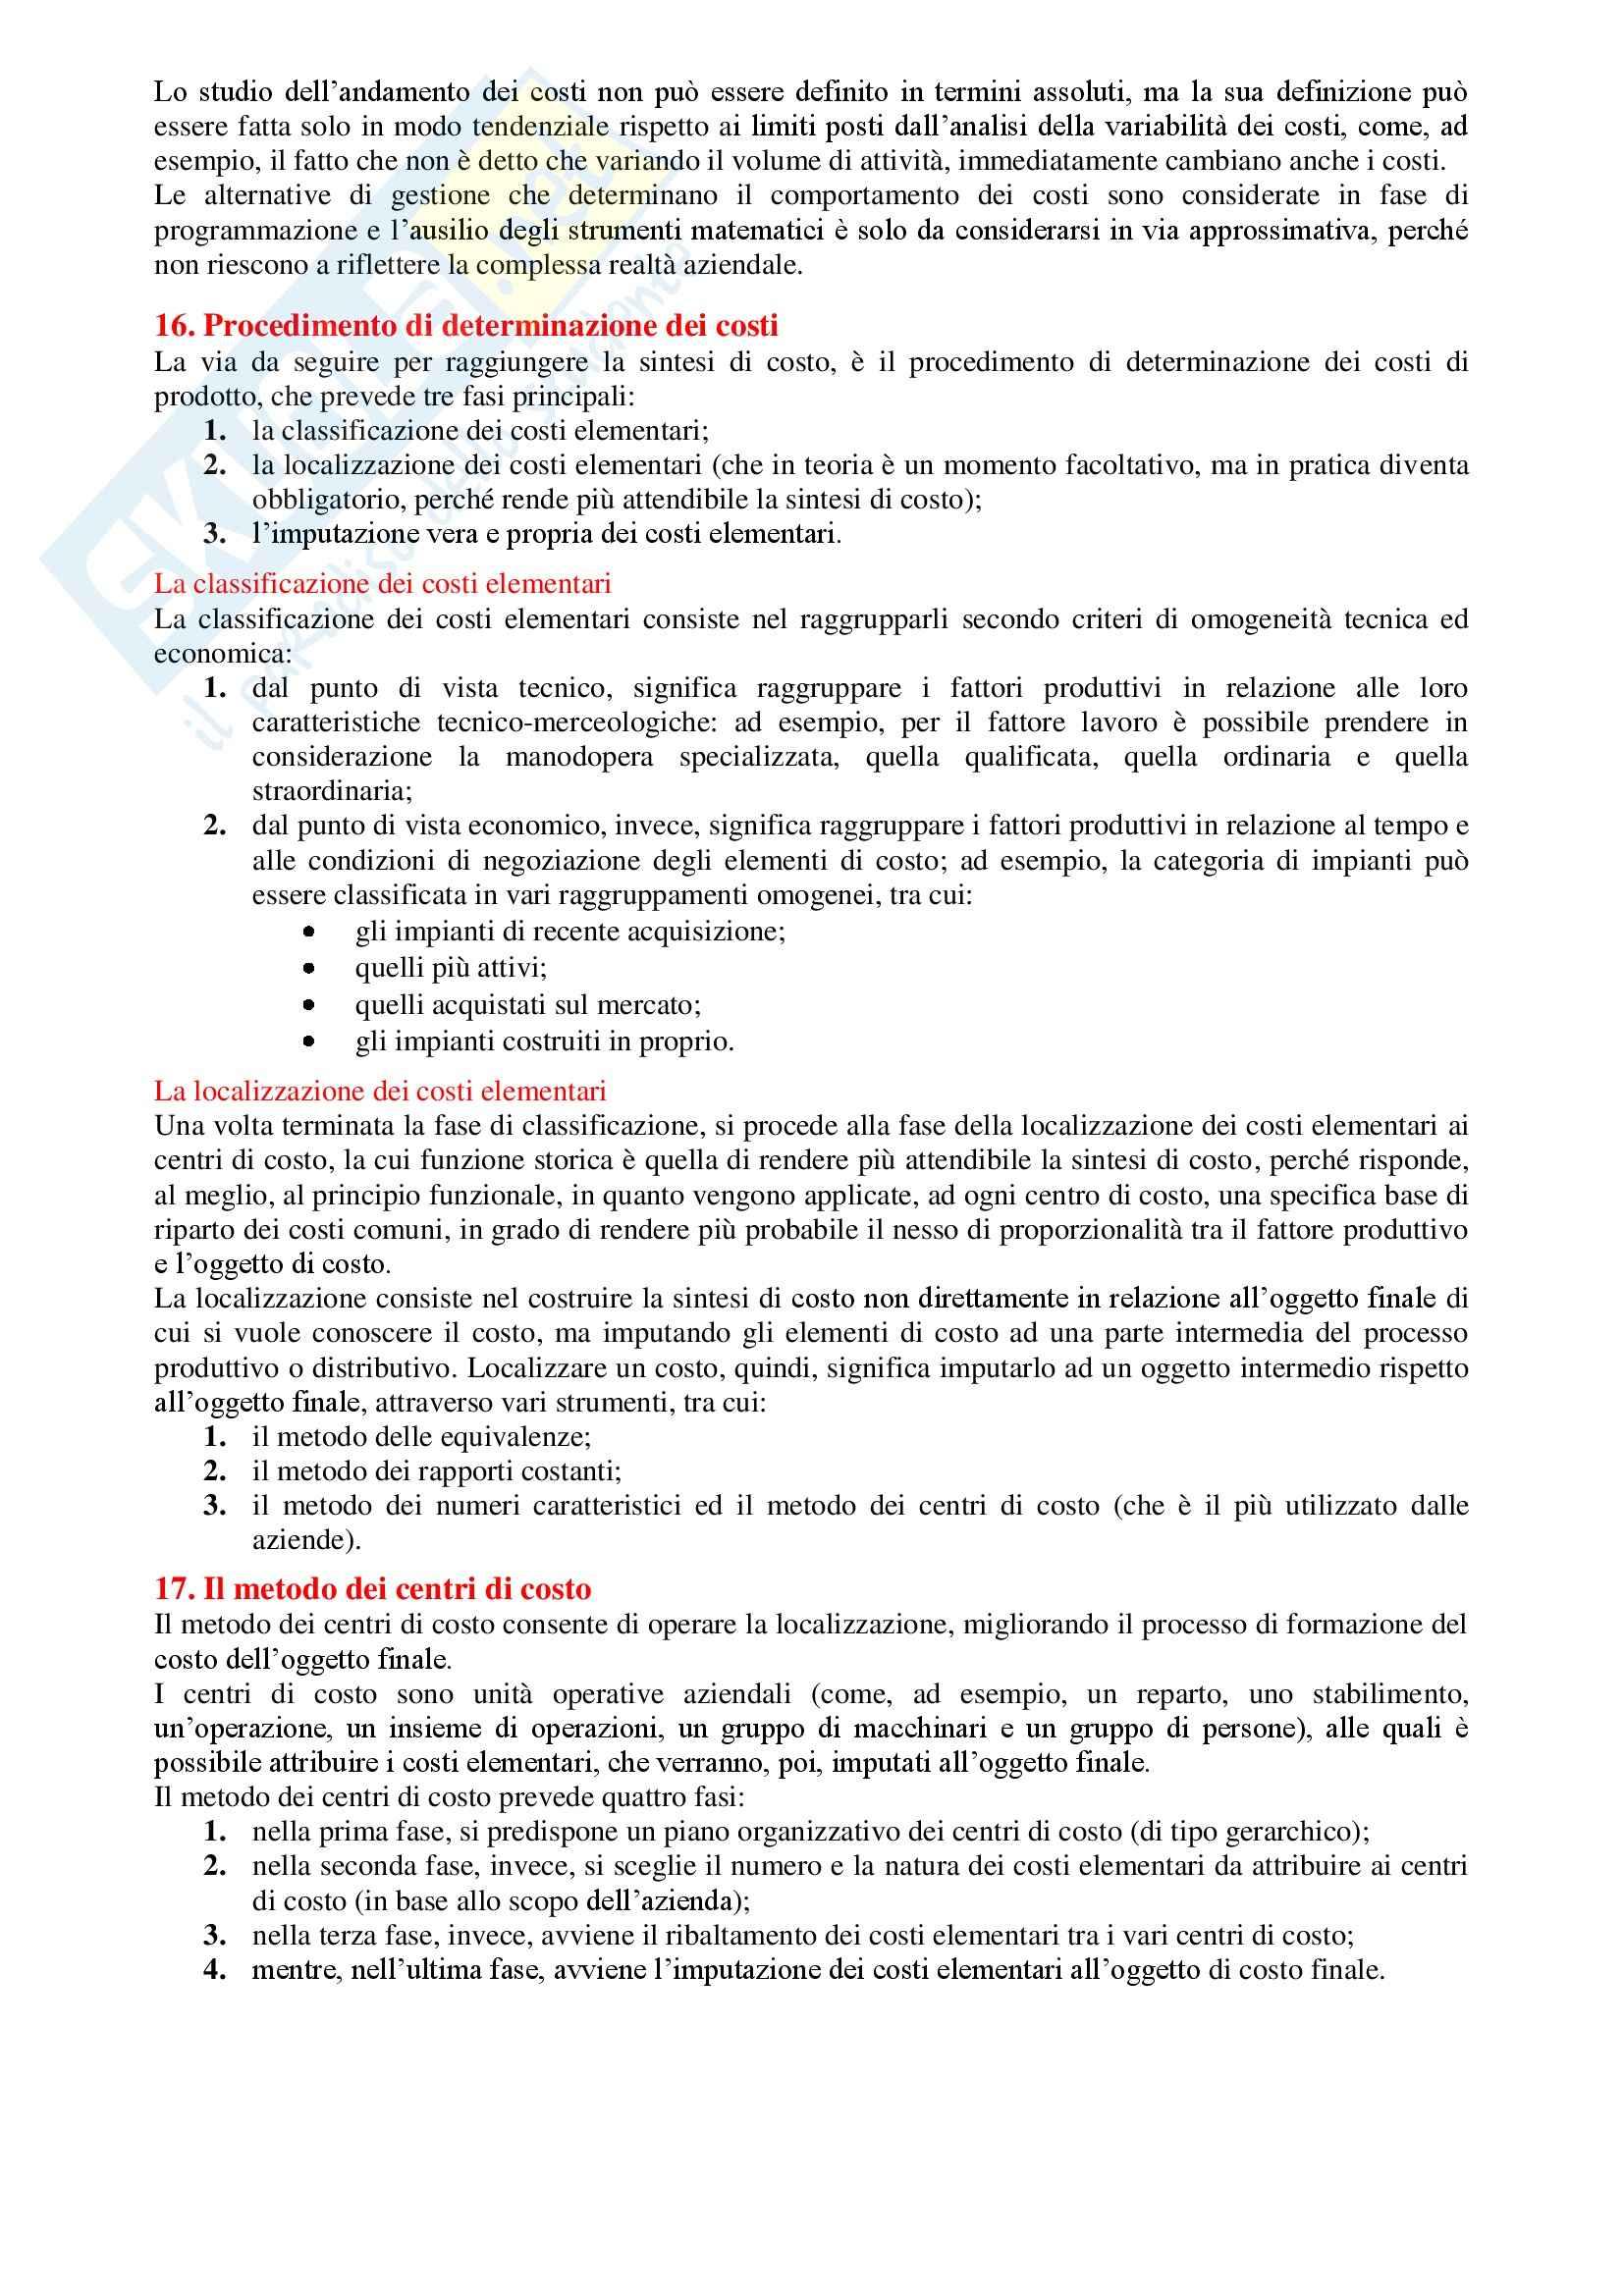 Contabilità generale e analitica - Riassunto esame tutto il programma, prof. Verdini Pag. 21